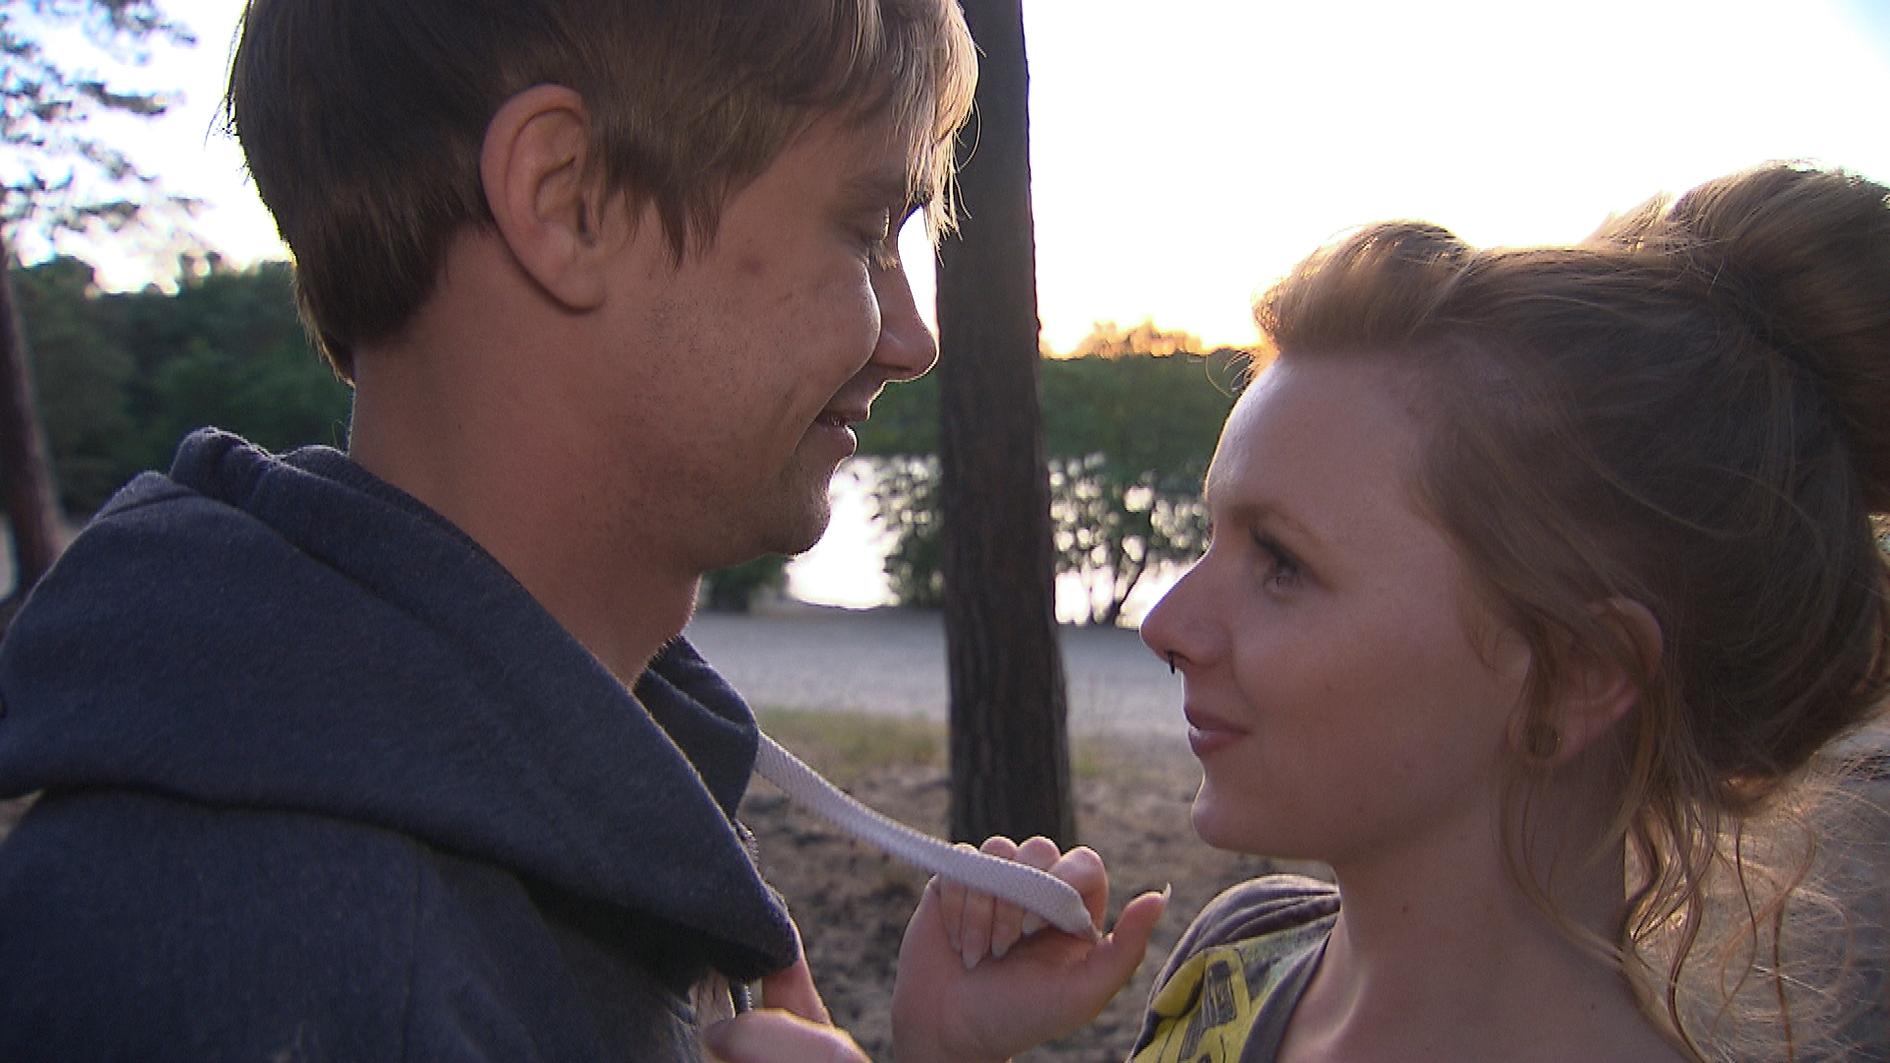 Bei einem gemeinsamen Campingausflug will Schmidti (li.) seiner großen Liebe Emmi näher kommen. Diese flüchtet aber lieber vor ihren Gefühlen und lässt sich auf einen Flirt mit Mick ein, was Schmidti tief verletzt. (Quelle: RTL 2)